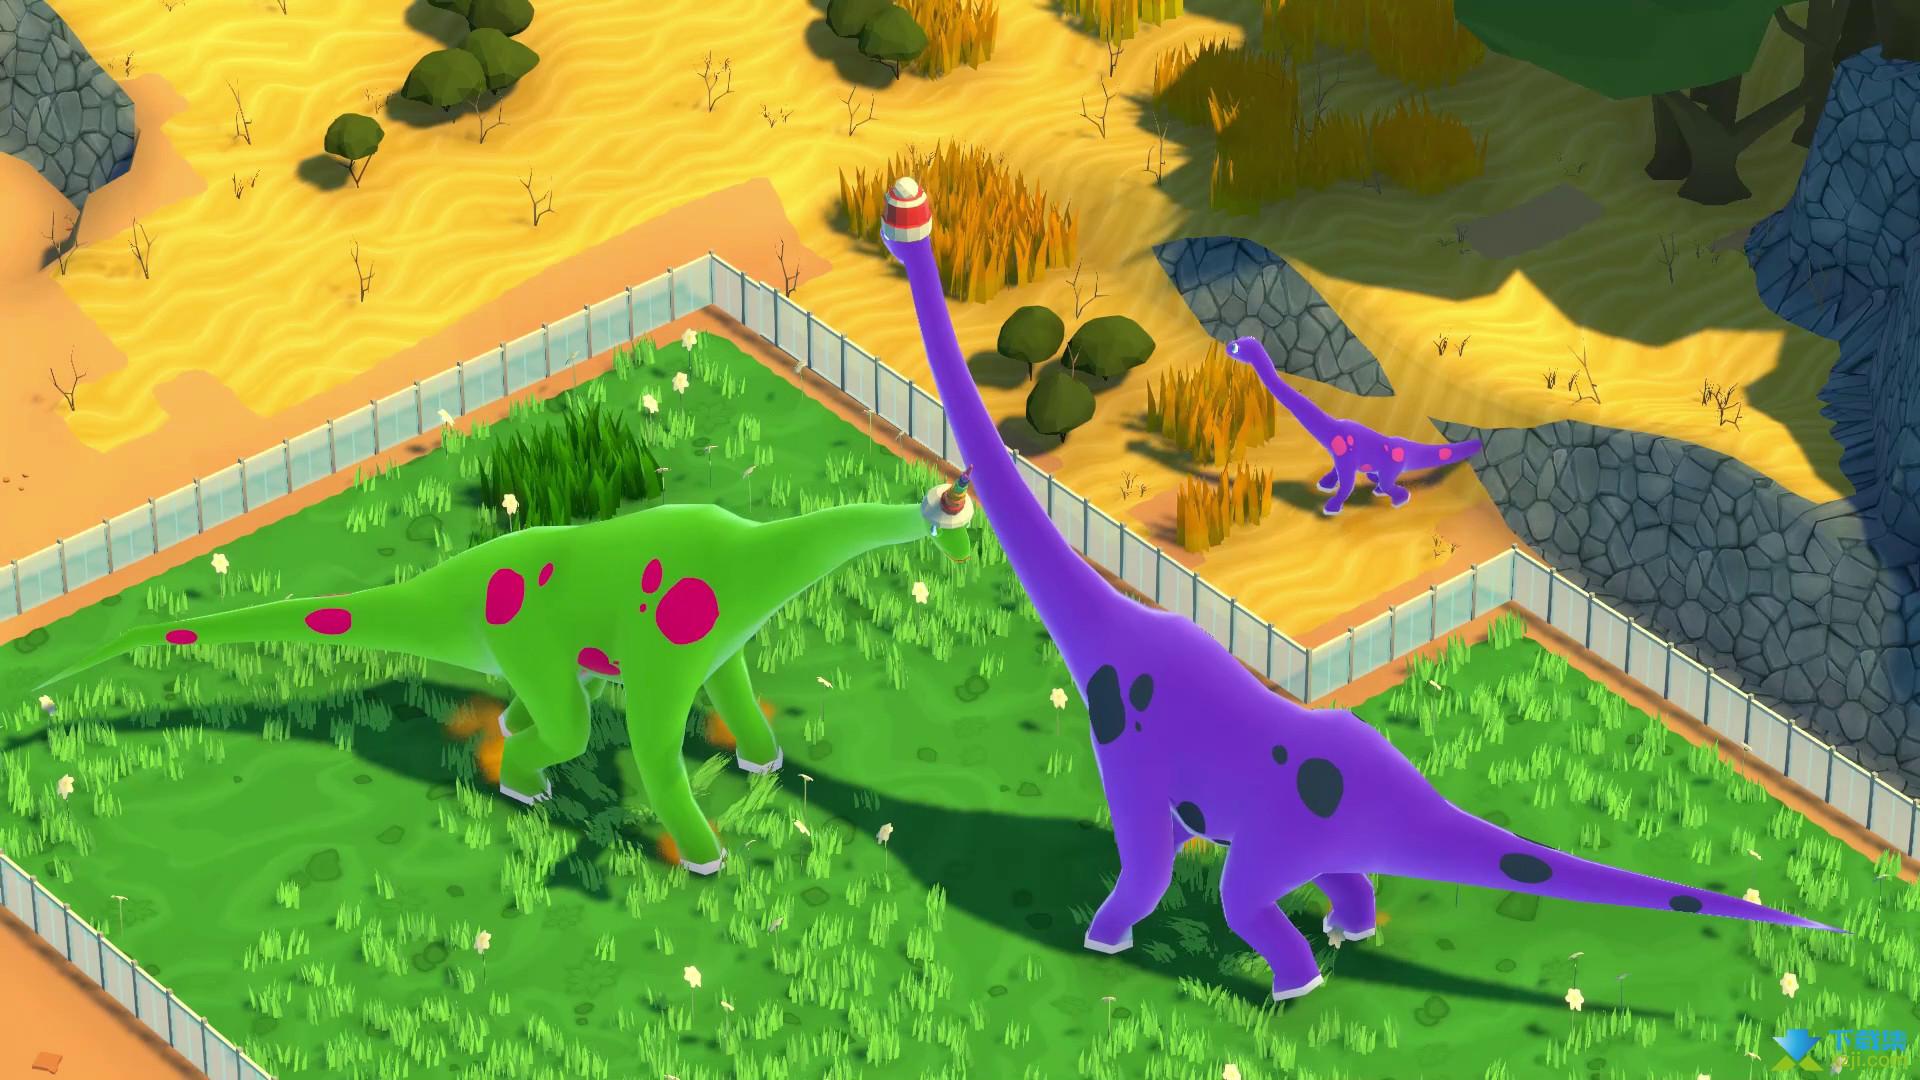 恐龙公园界面3